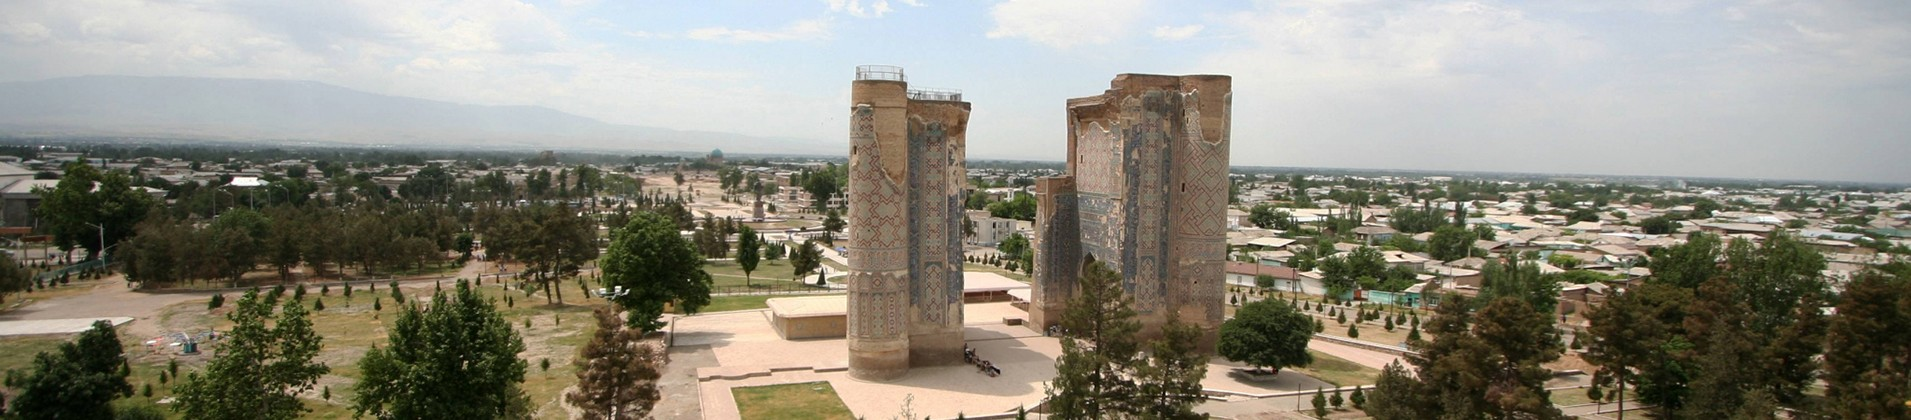 Aksaray Palace - 1